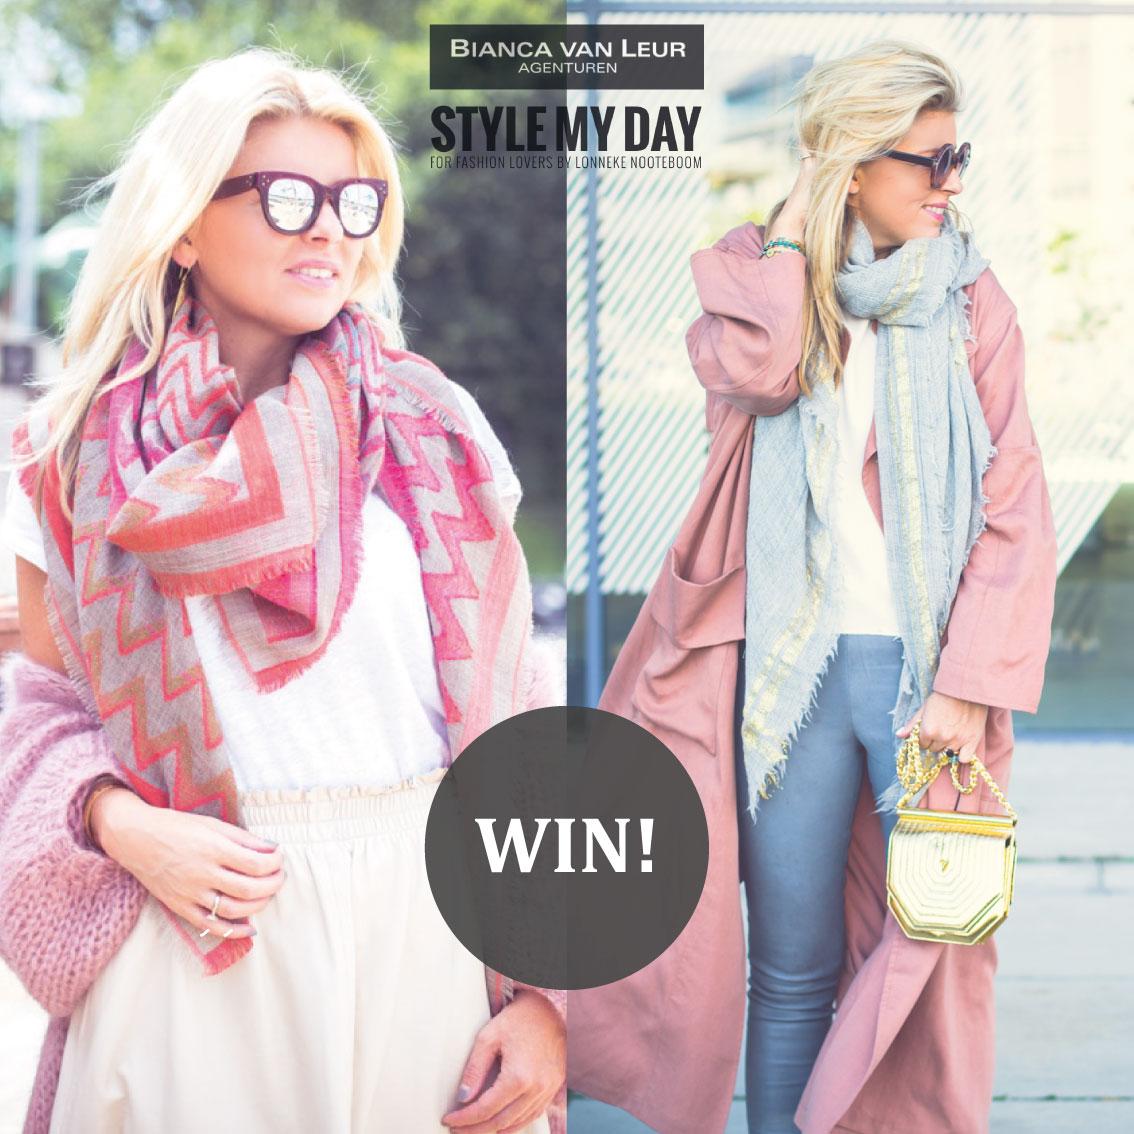 Give a way: 10x Bianca van Leur sjaals